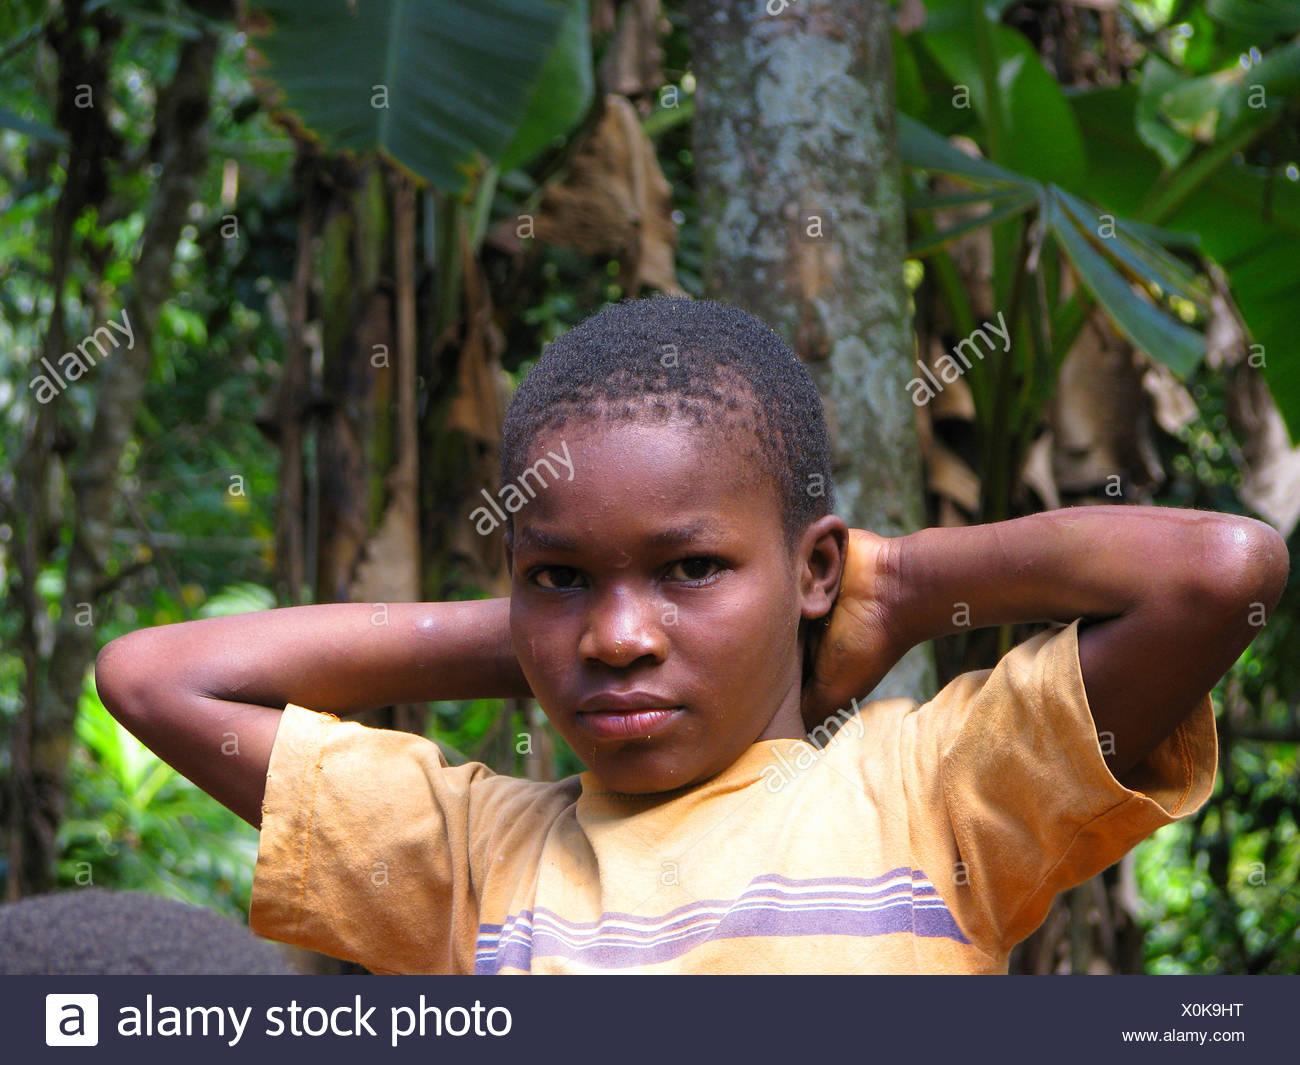 Portrait d'un petit garçon en zone rurale, Haïti, Grande Anse Photo Stock